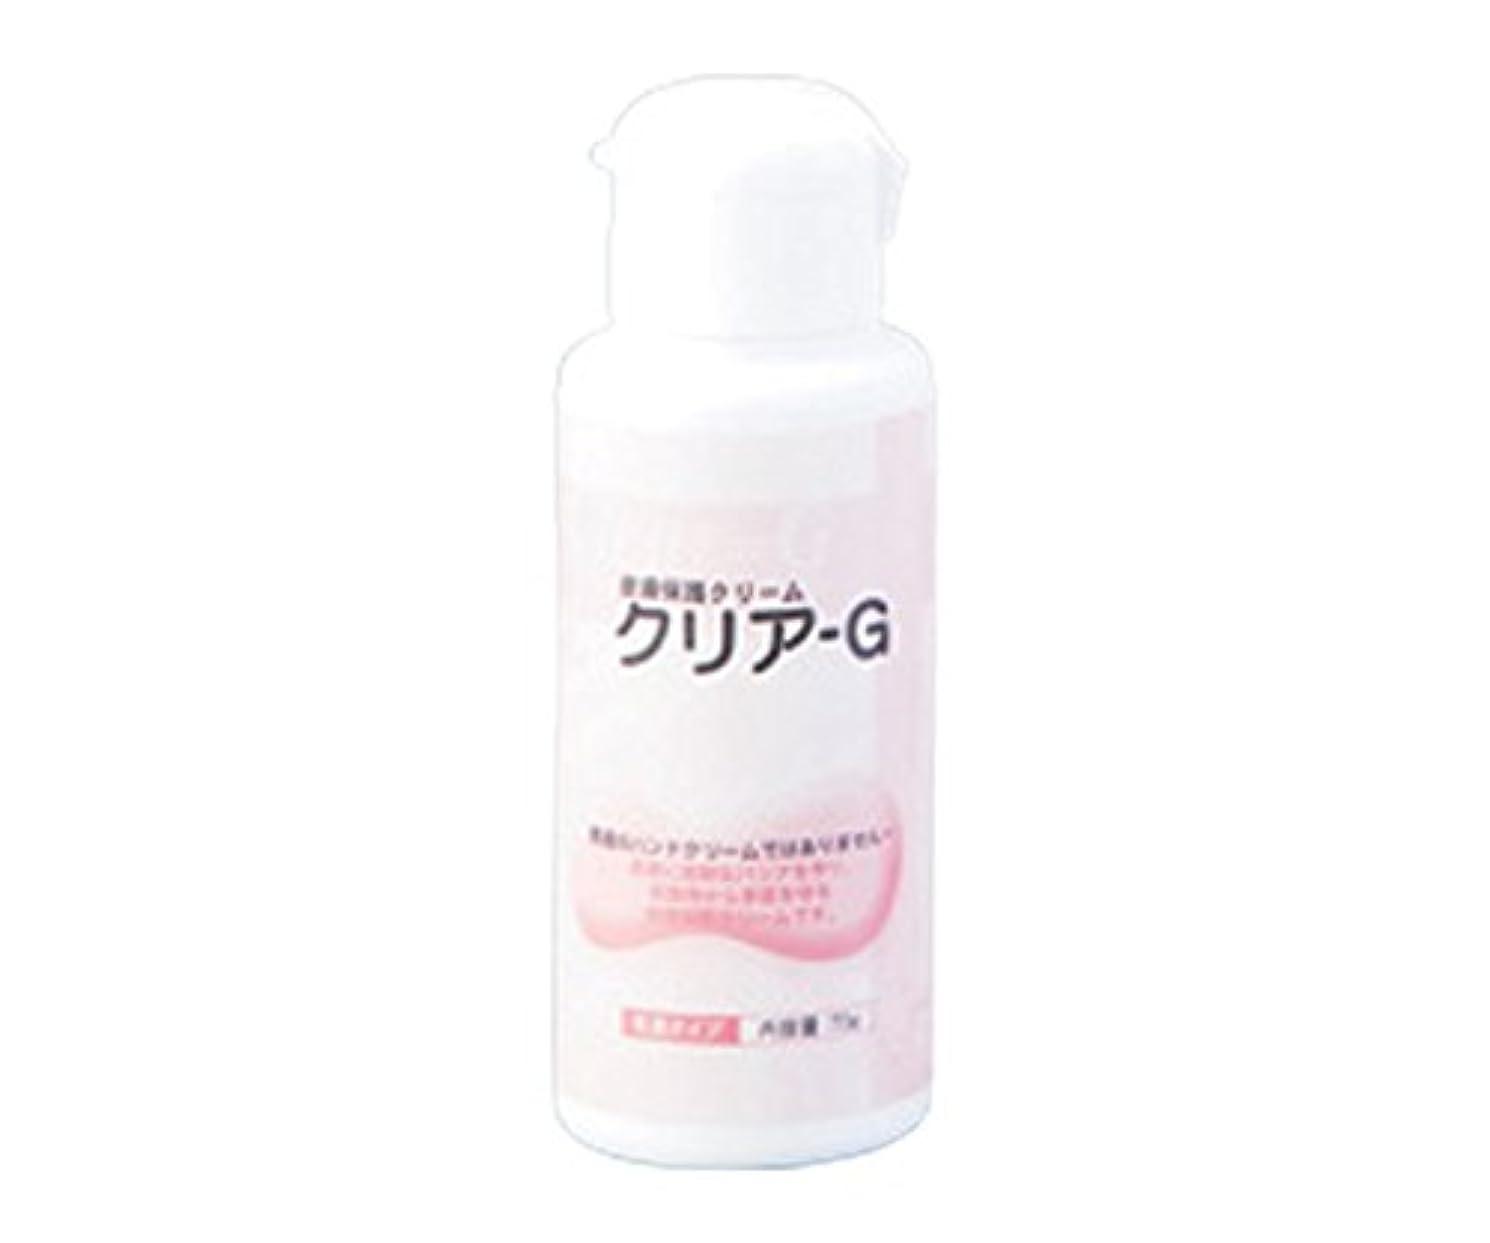 オーブン処理略奪皮膚保護クリーム(クリア-G) 70g